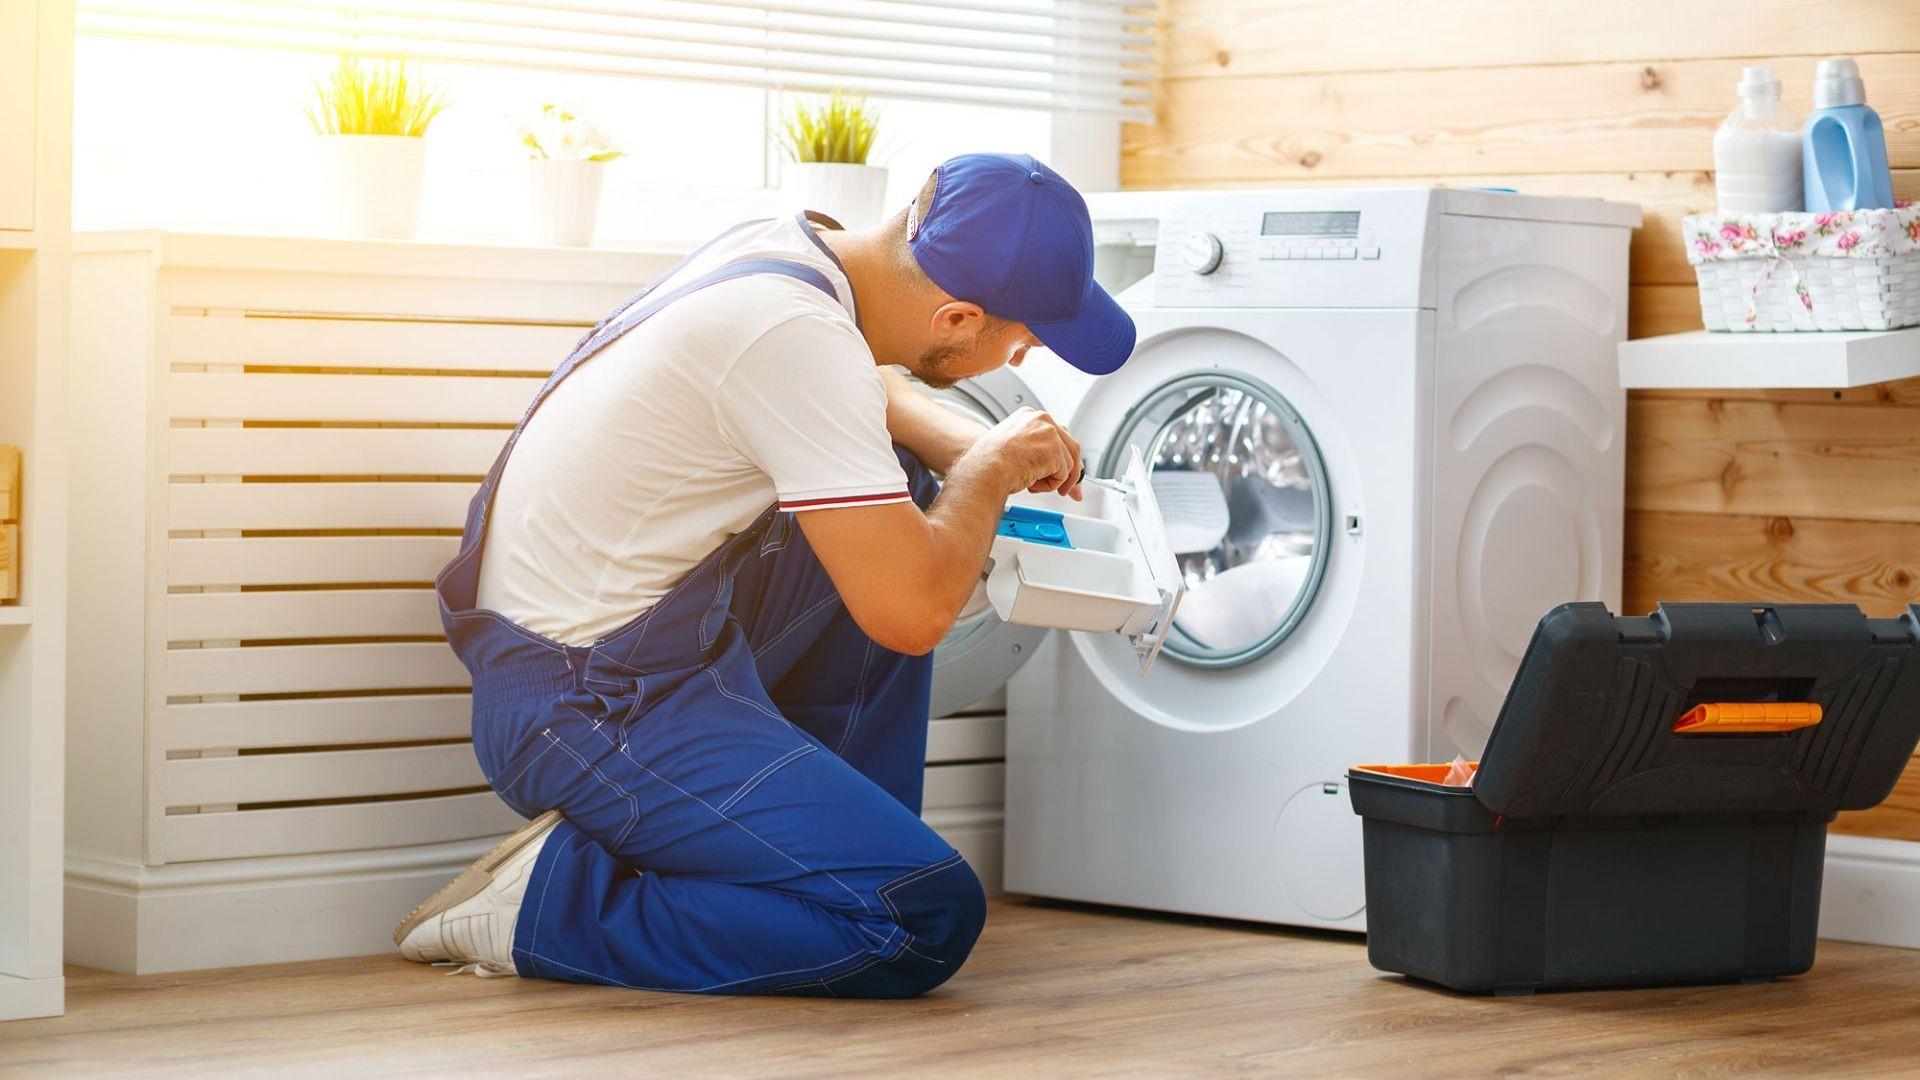 Servicio técnico de reparación de lavadoras en Toledo